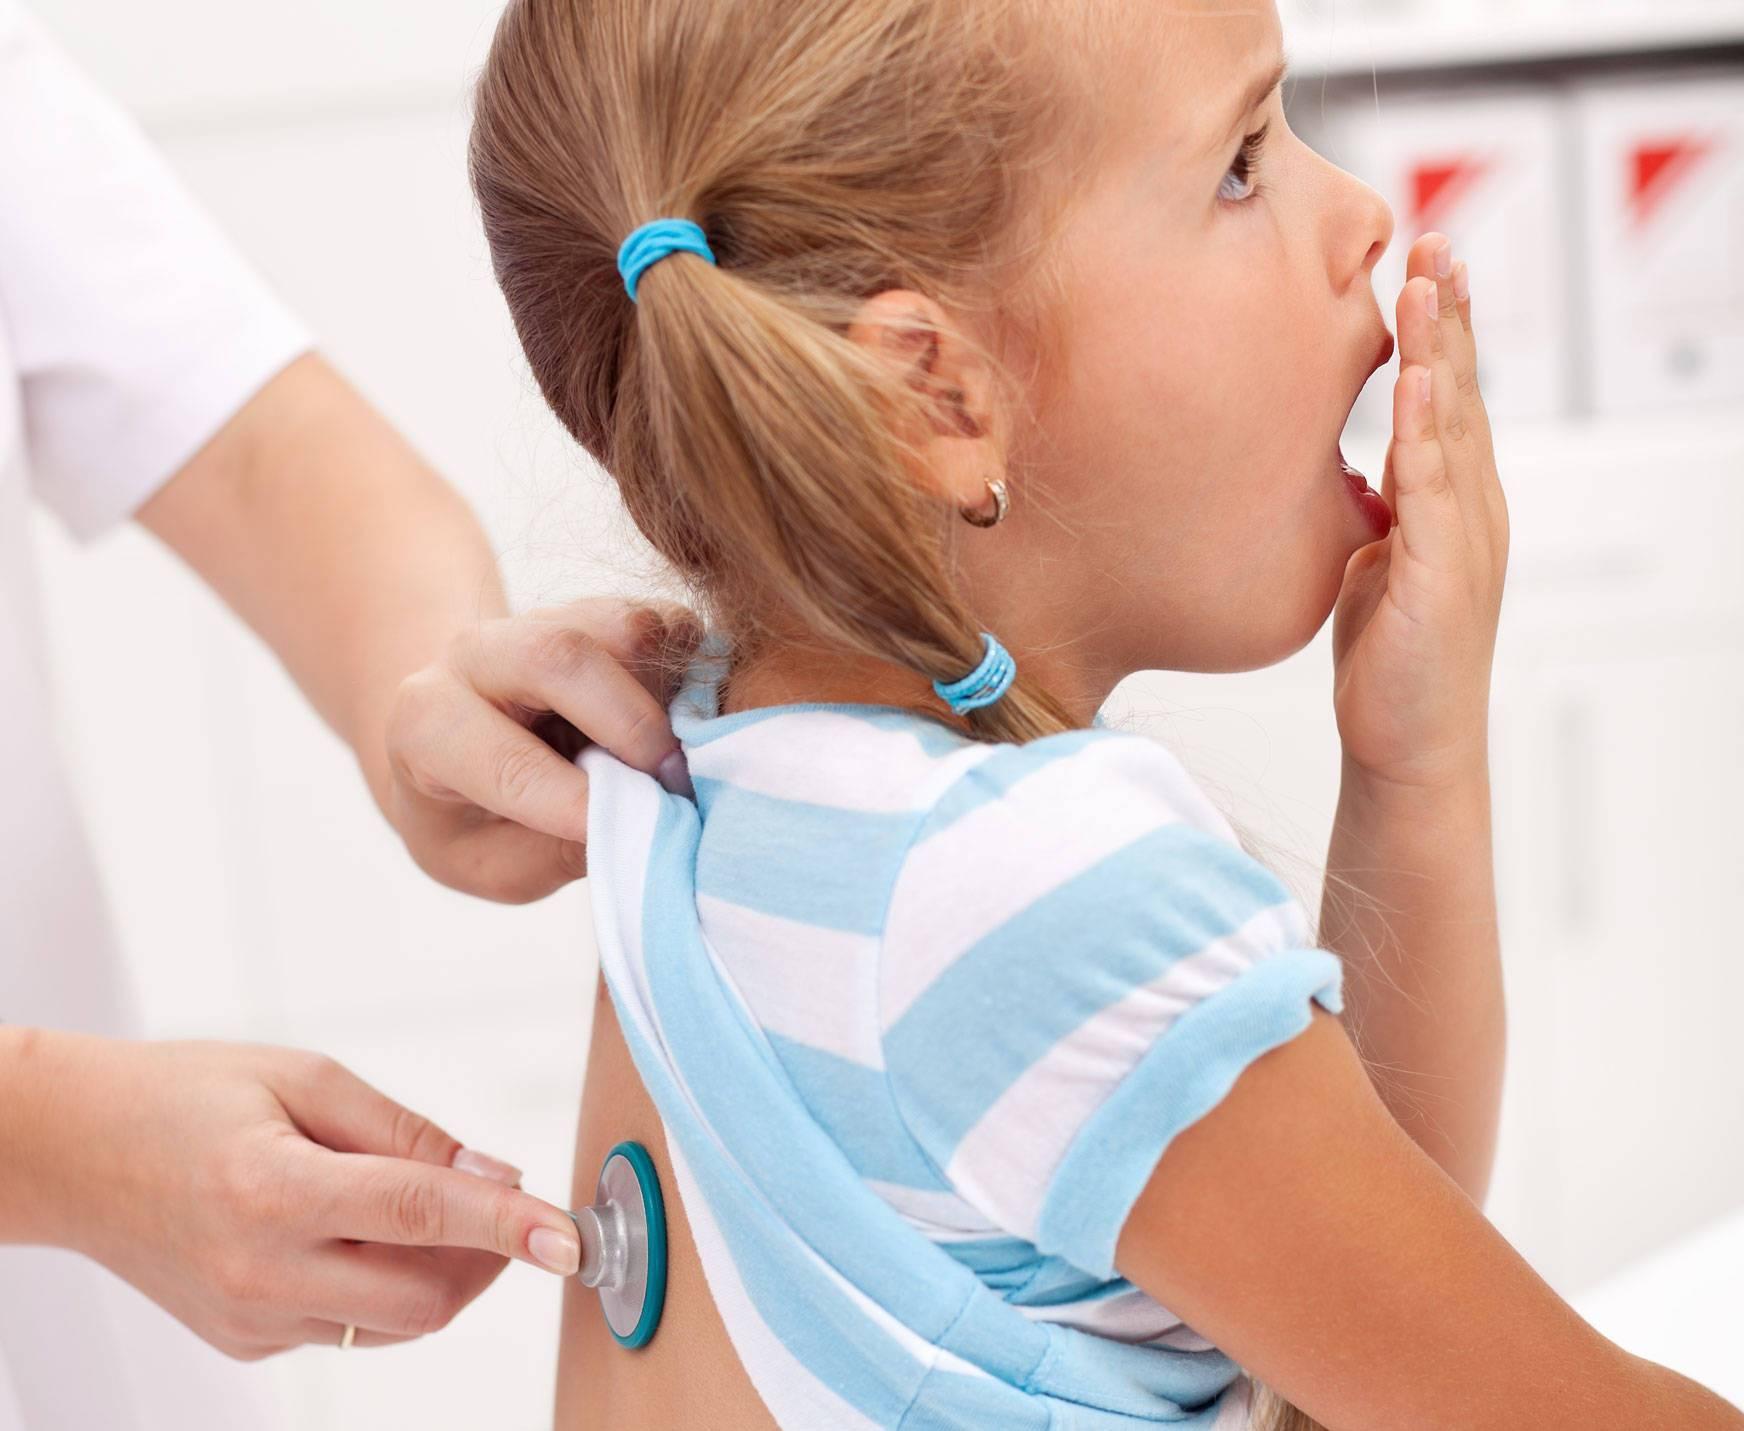 красное горло и кашель у ребенка